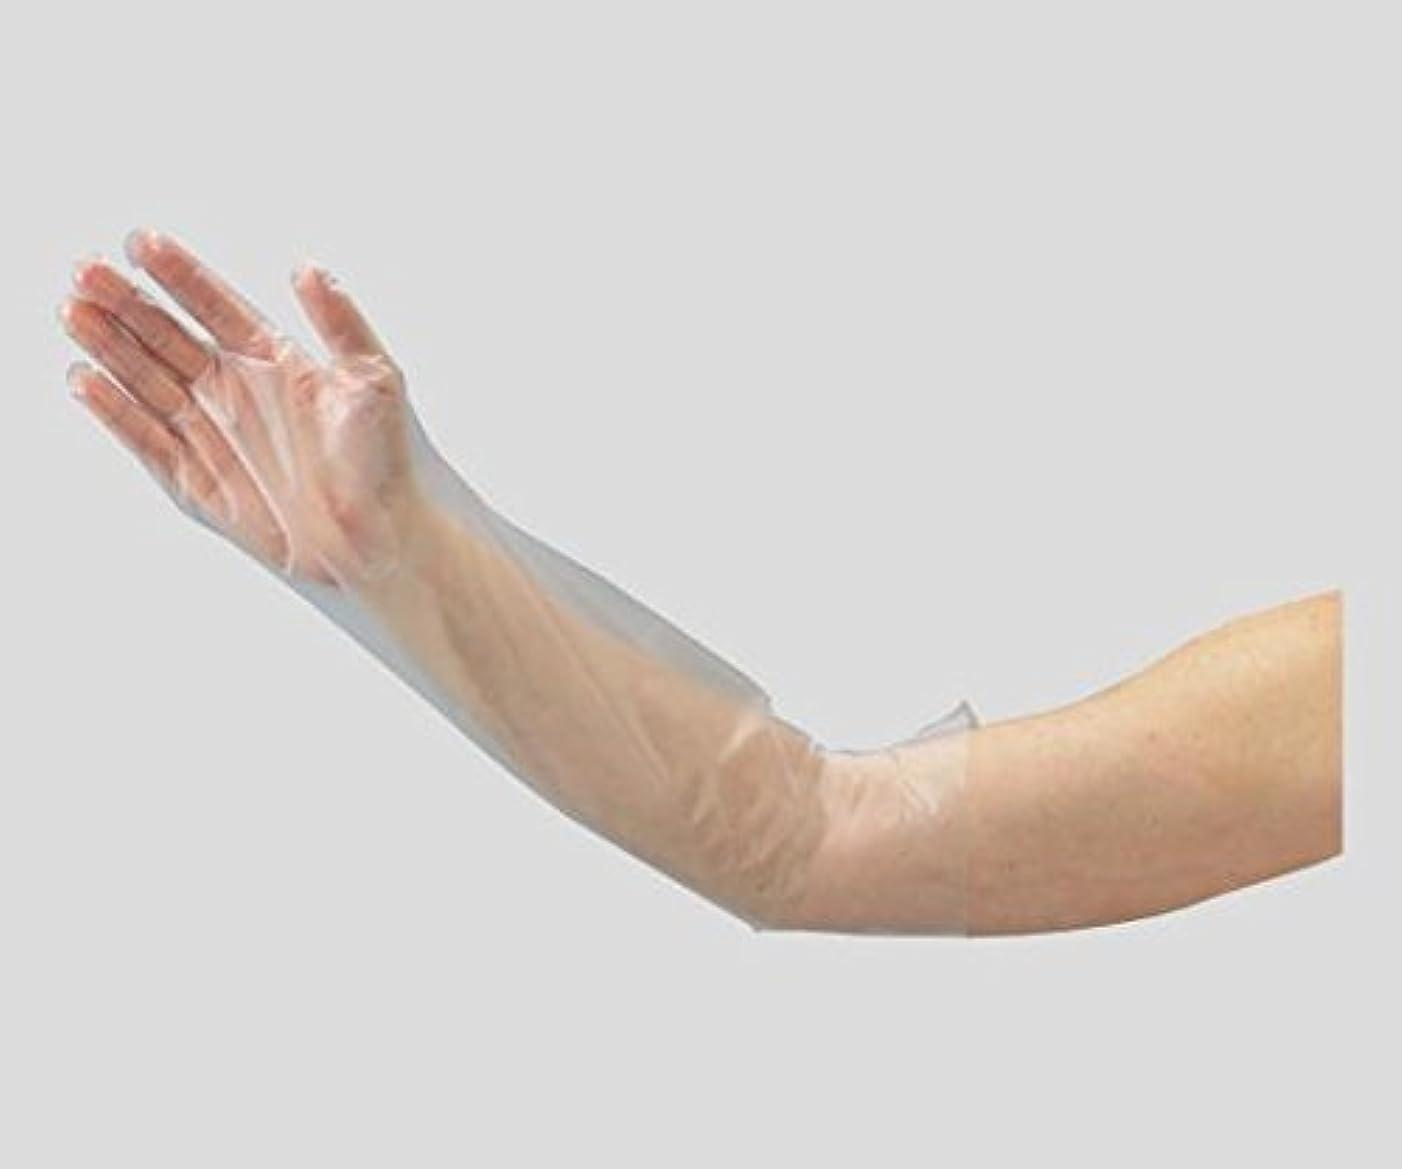 ユーモラスご覧くださいユニークな2-9757-01ポリエチレンロング手袋(ひじピタ)S100枚入